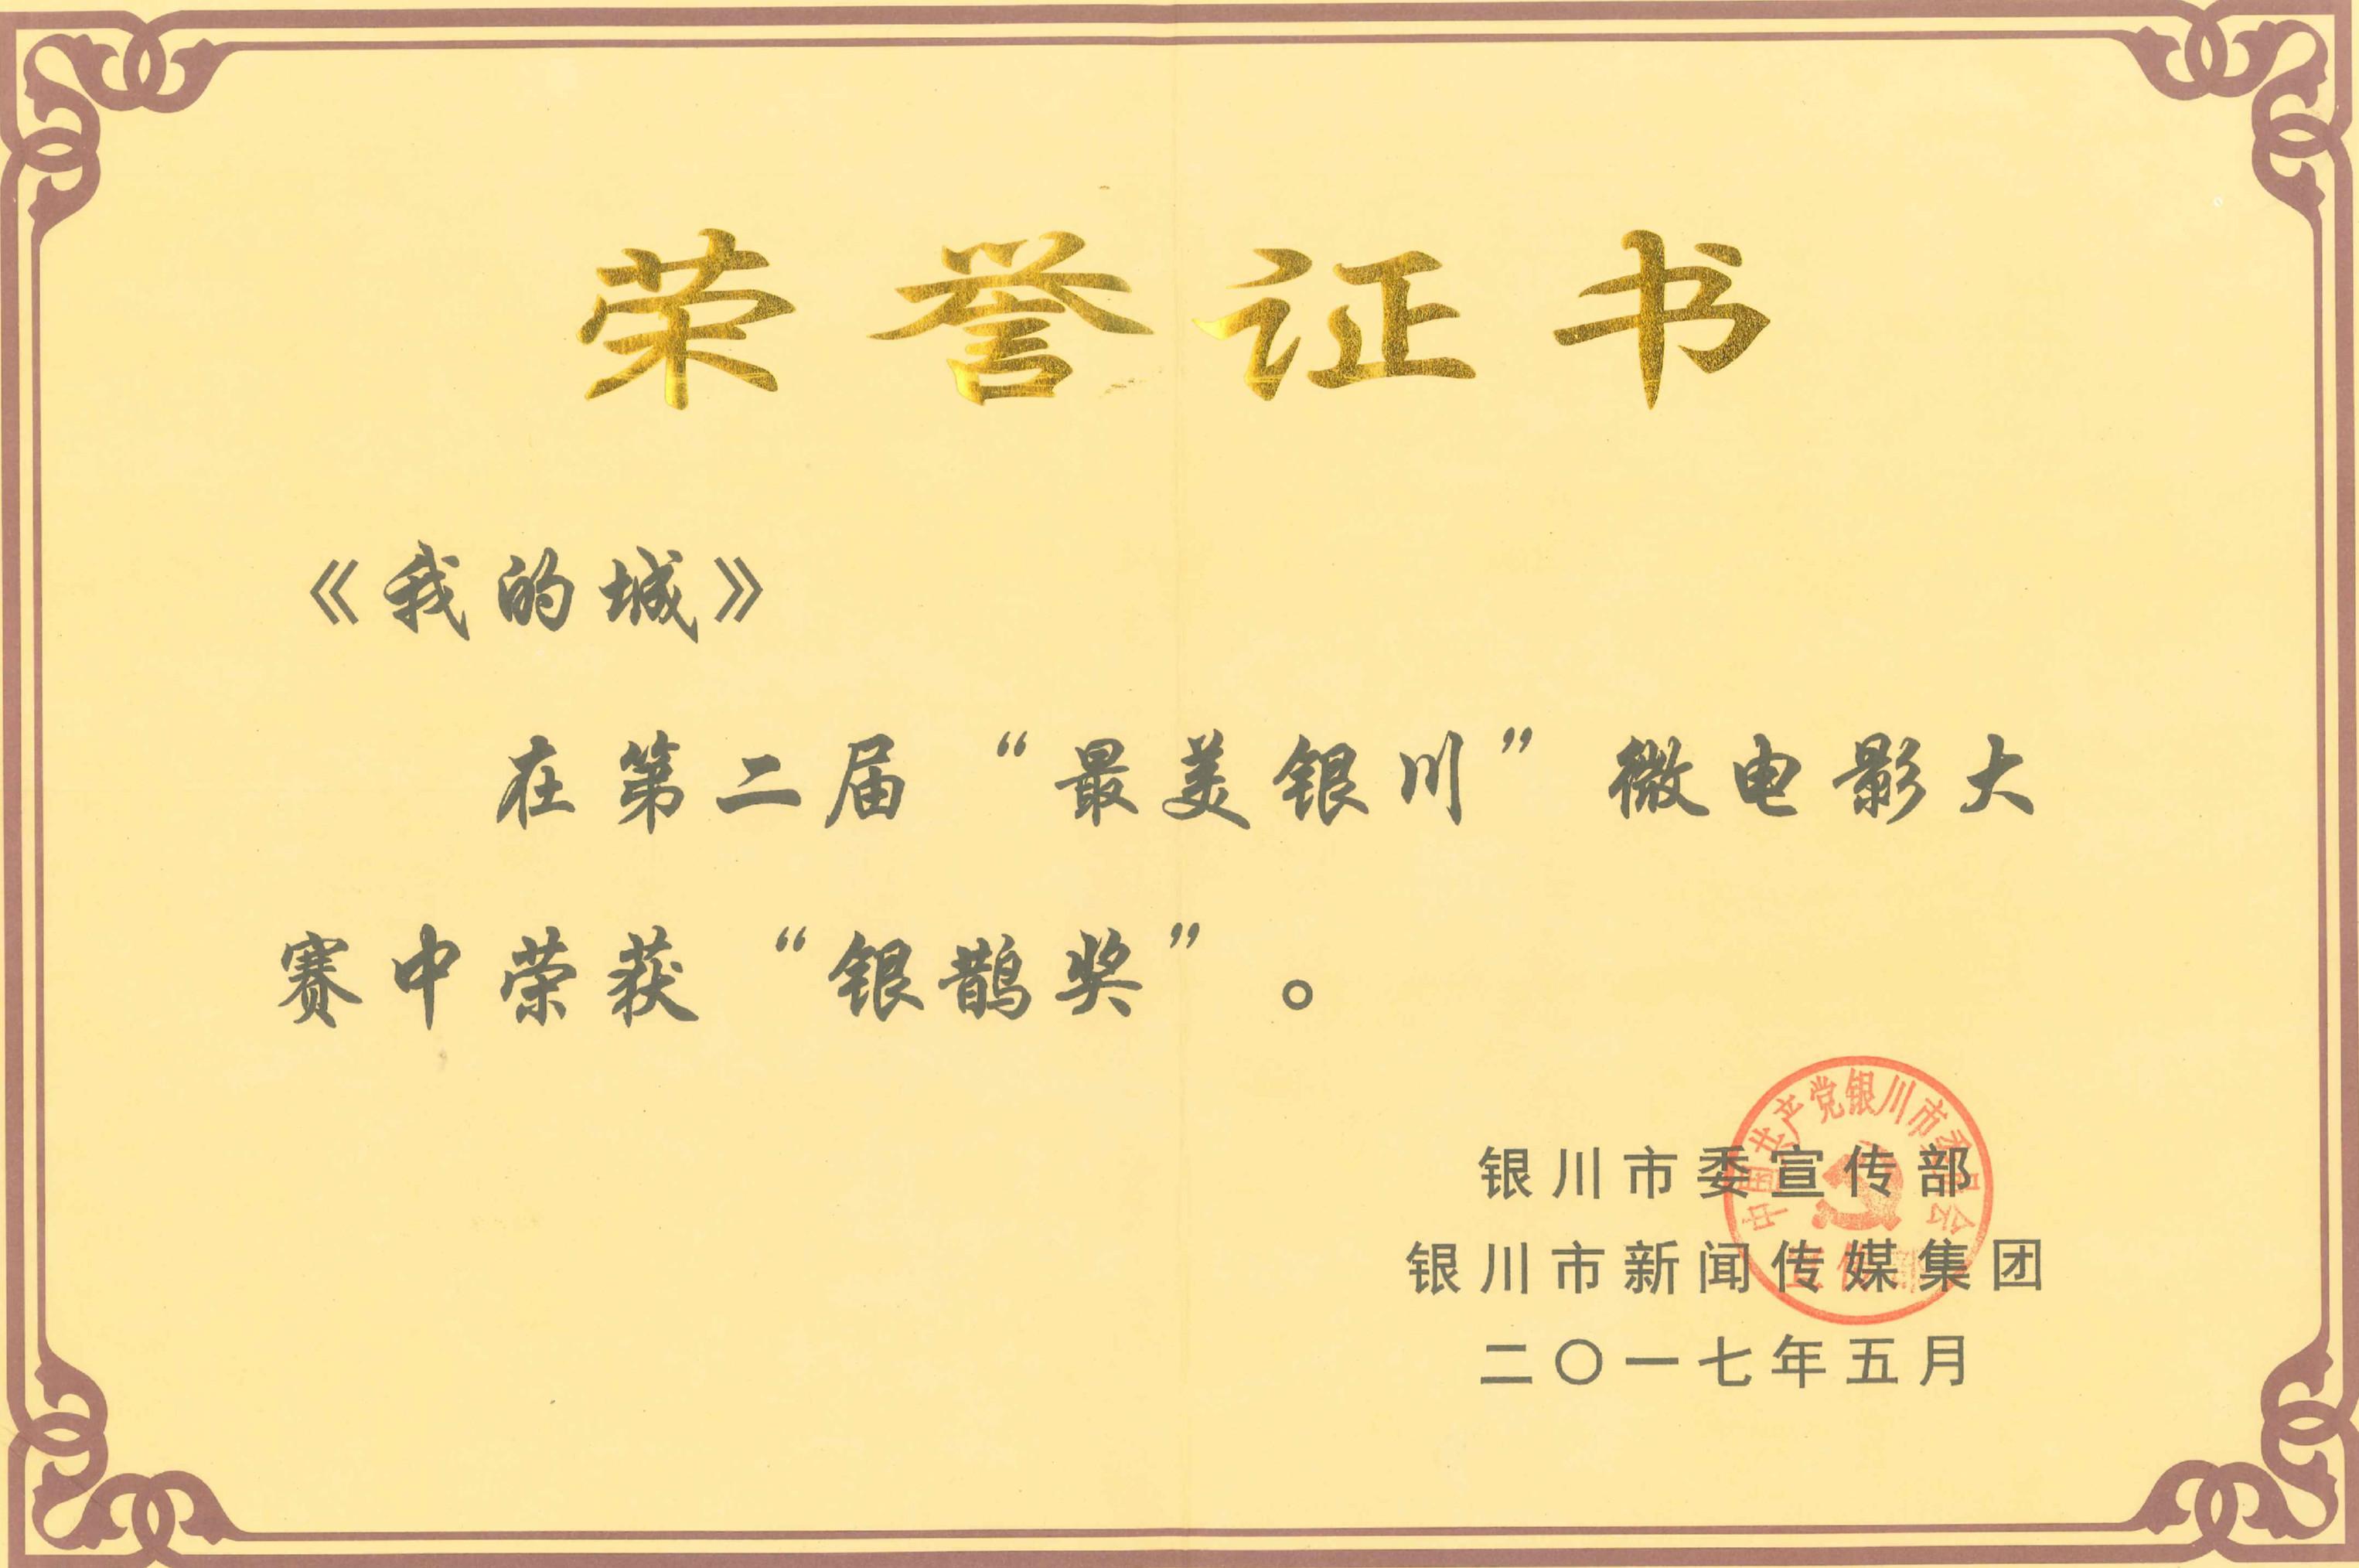 微电影《我的城》荣誉证书